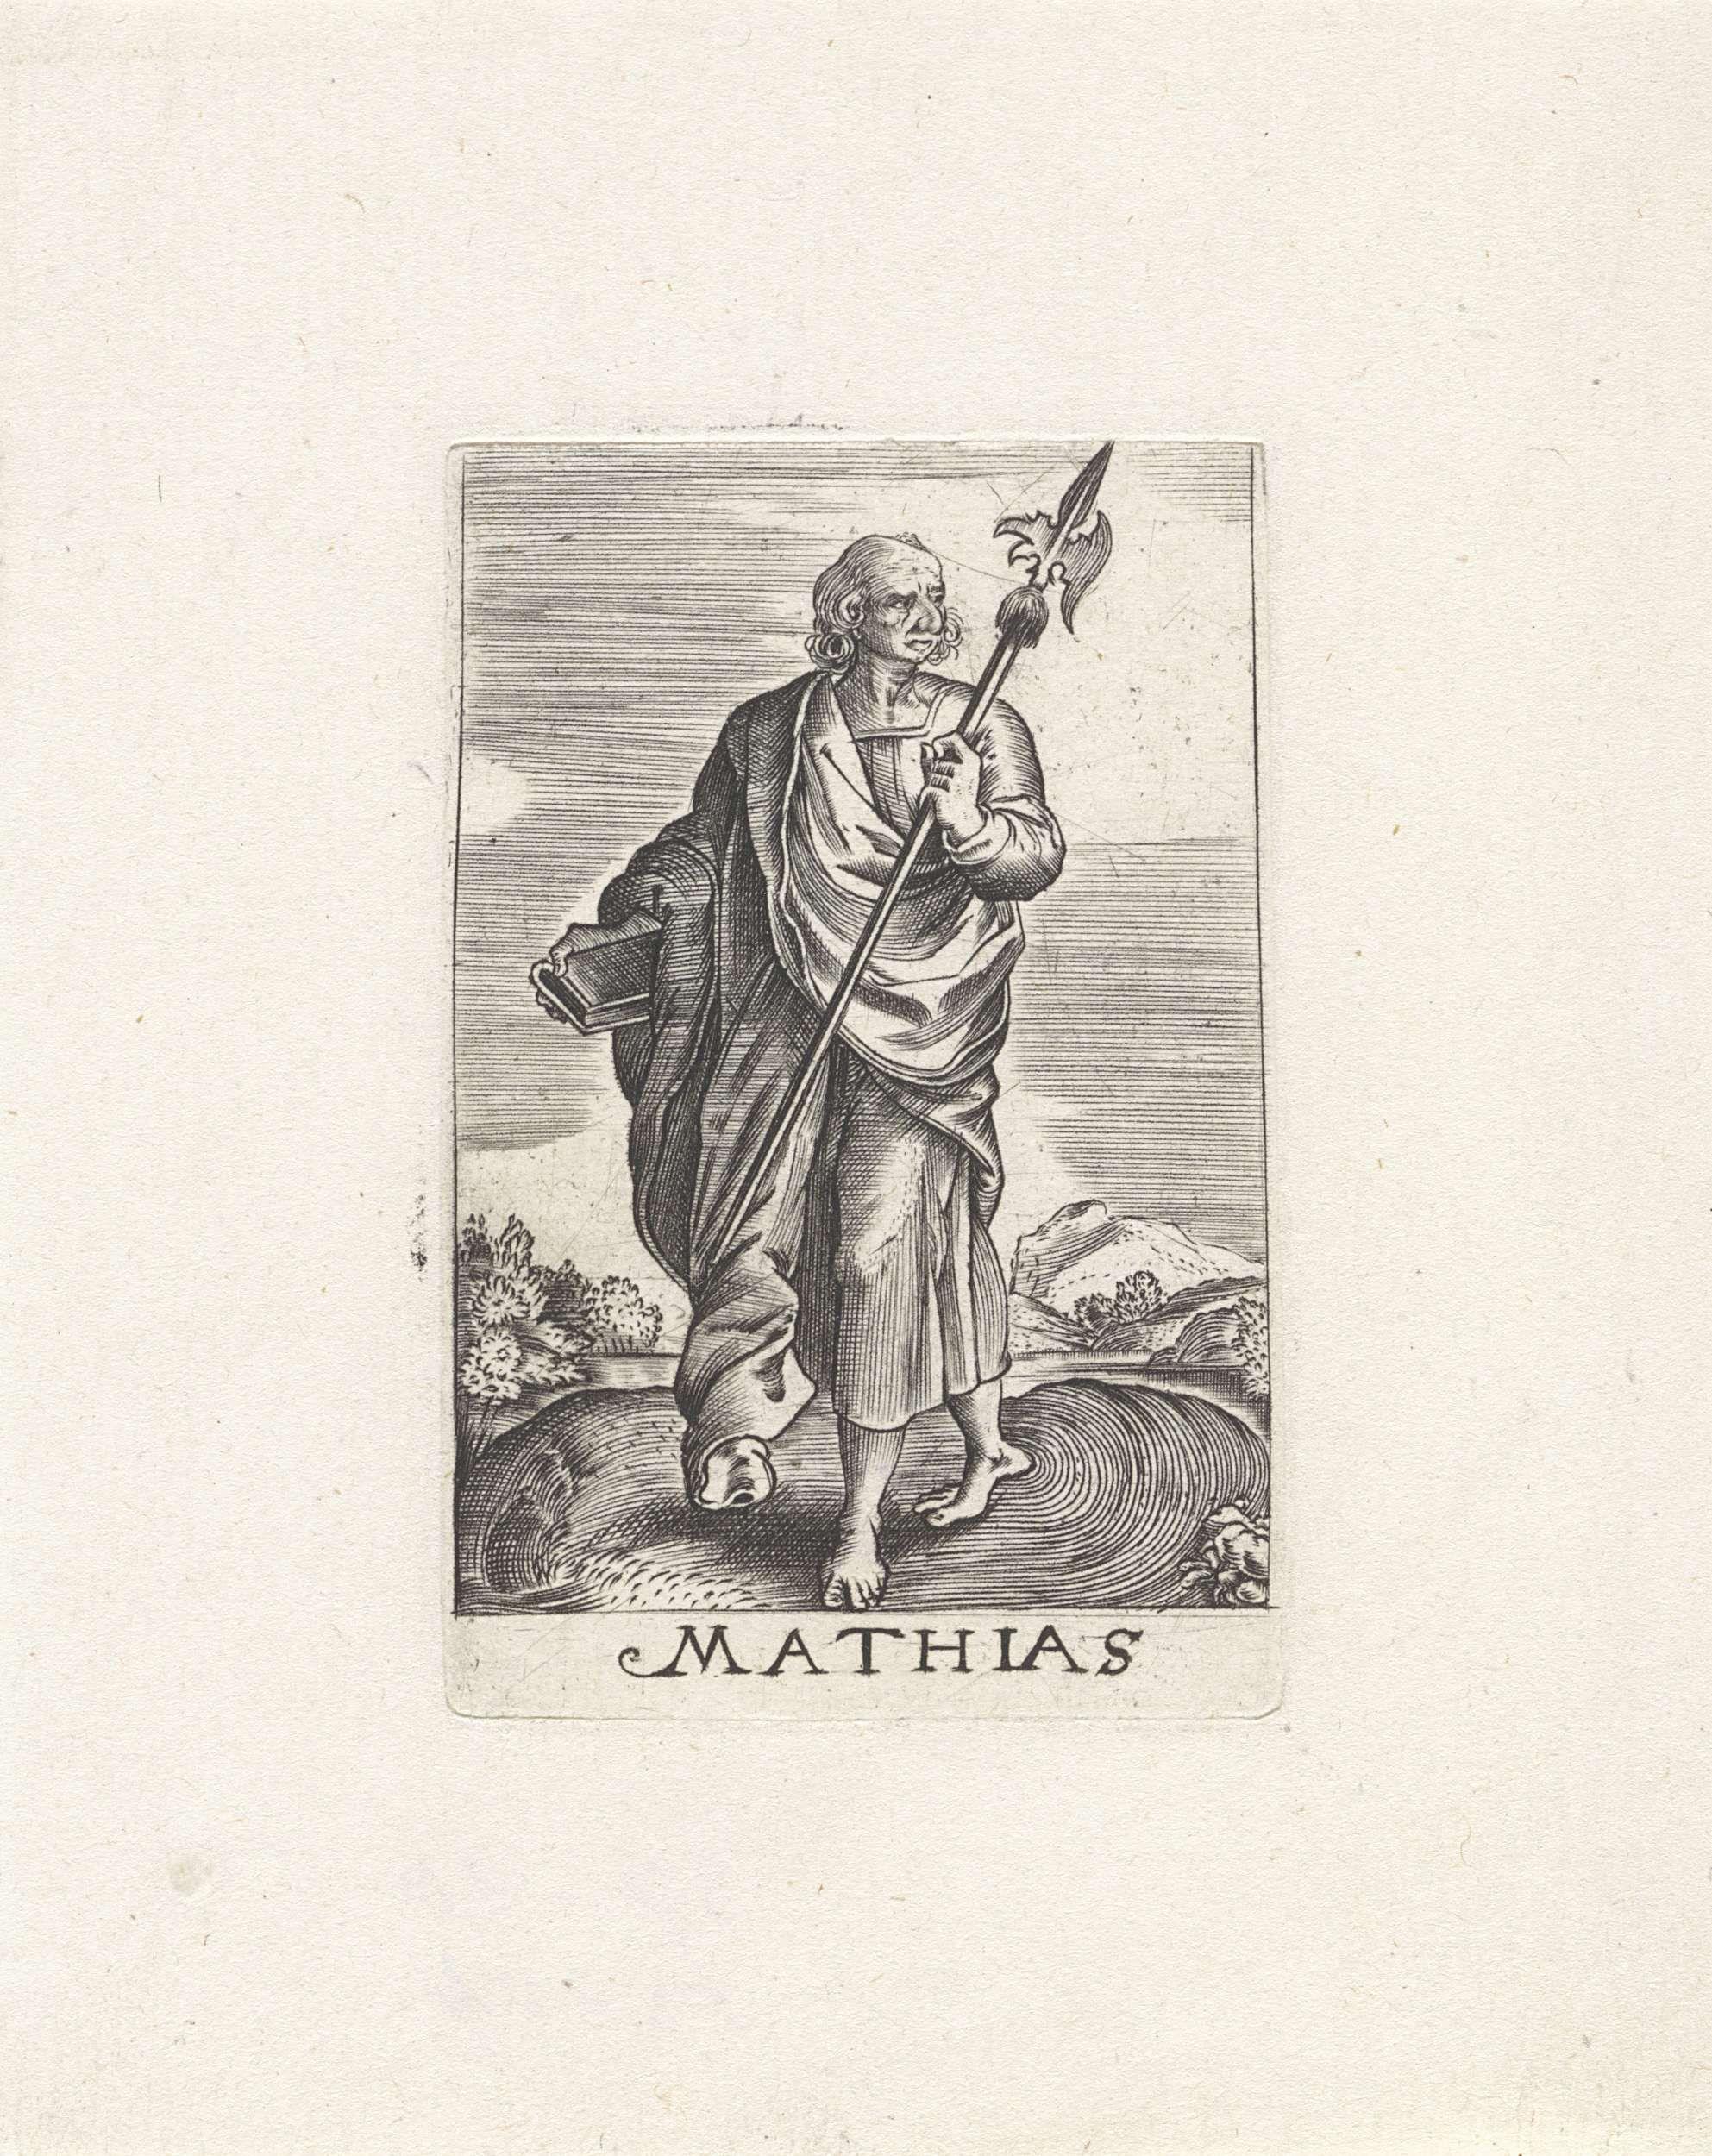 Johannes Wierix   H. Mattias, Johannes Wierix, Anonymous, 1579 - 1629   Landschap met de apostel Mattias. In zijn ene hand houdt hij een boek, in de andere een hellebaard.